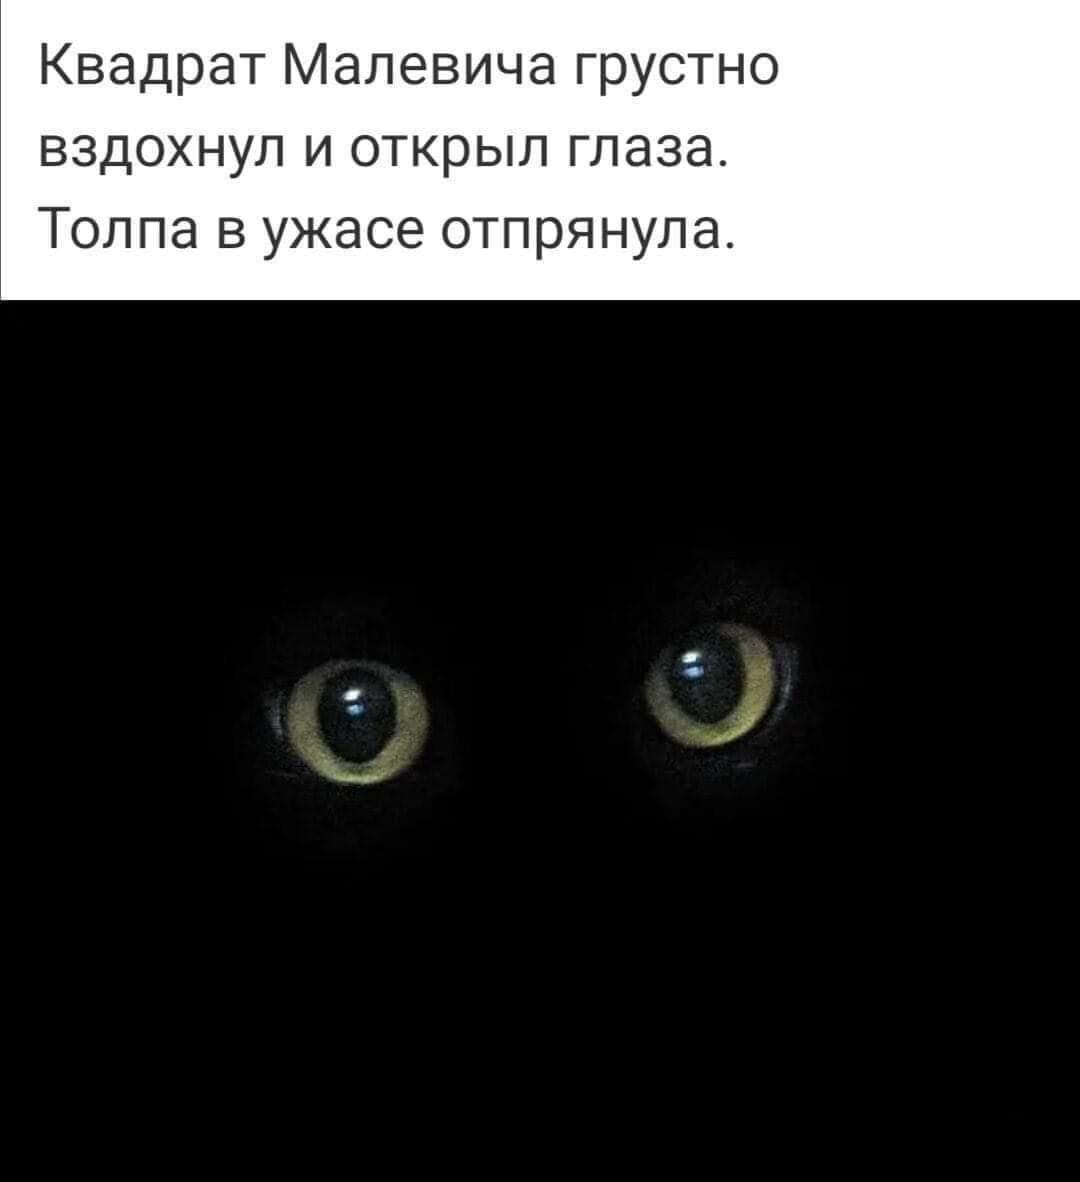 Раньше я думал, что не люблю Стаса Михайлова больше всего на свете... Весёлые,прикольные и забавные фотки и картинки,А так же анекдоты и приятное общение